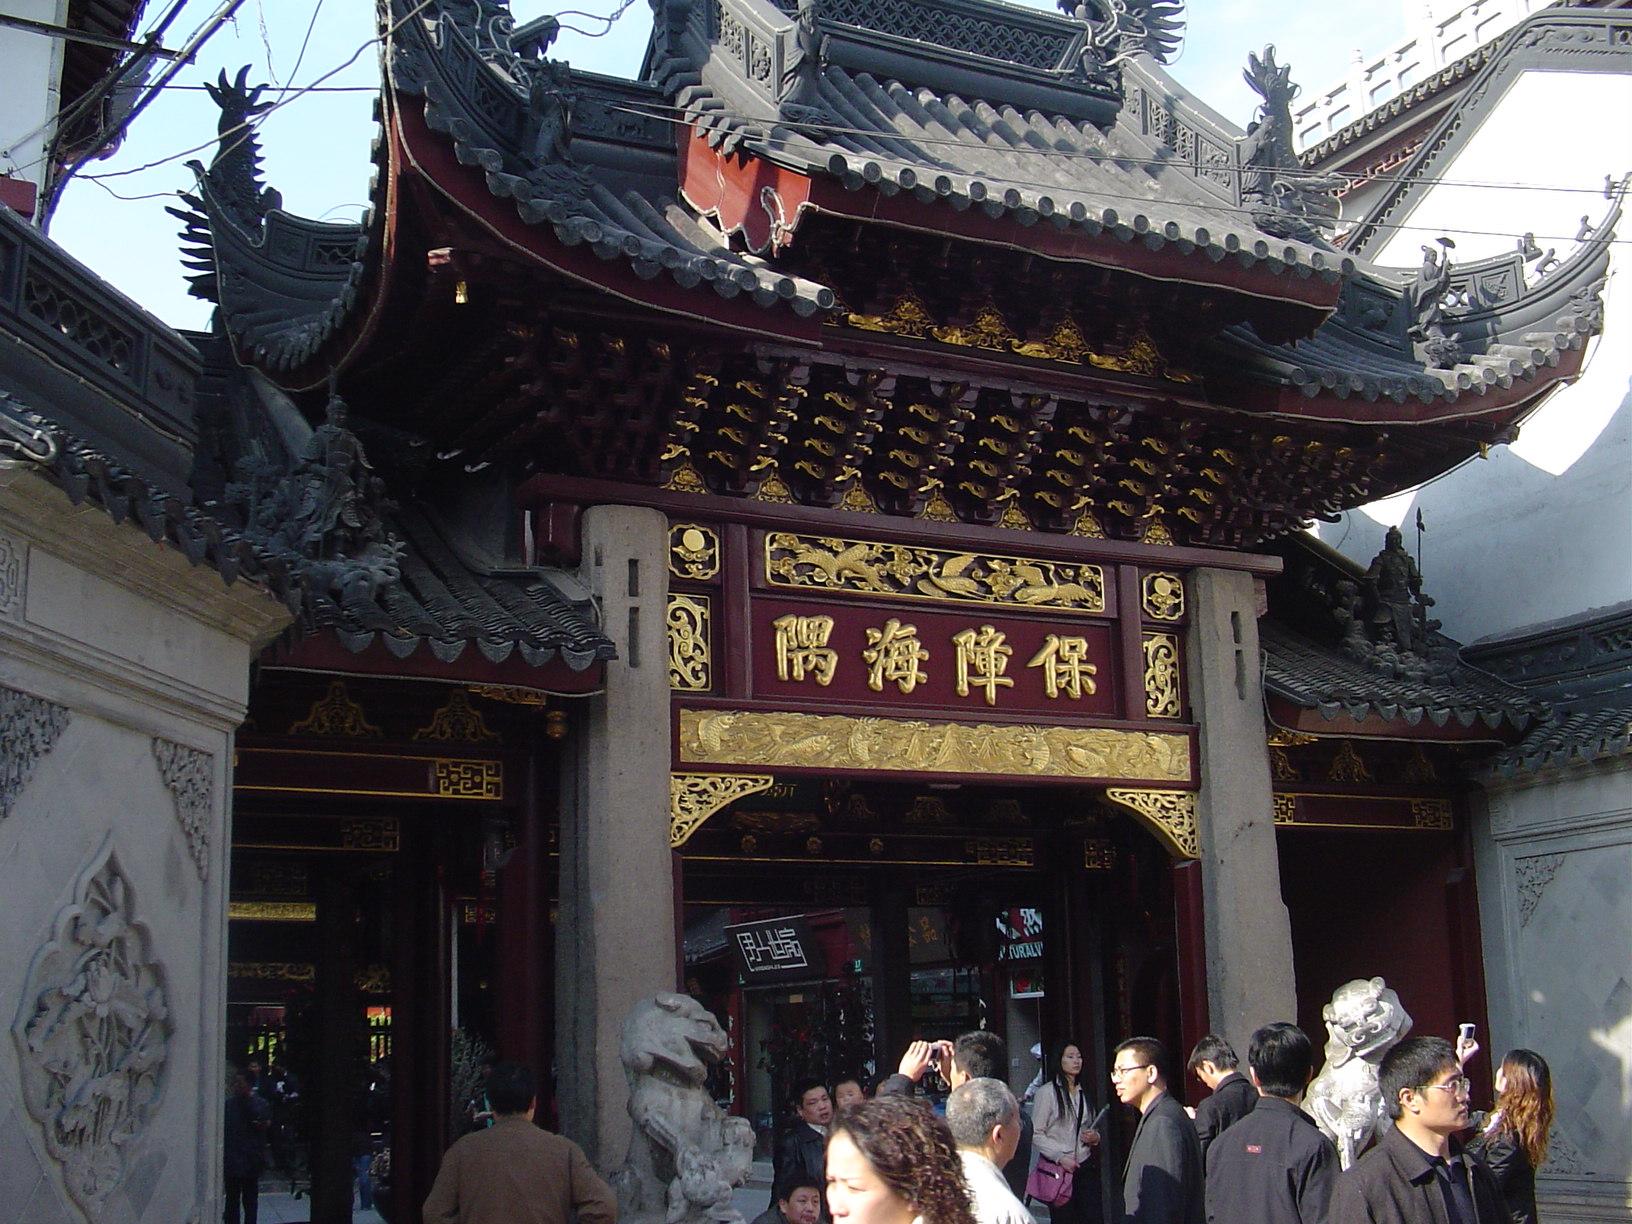 Jedna od vrata staroga grada